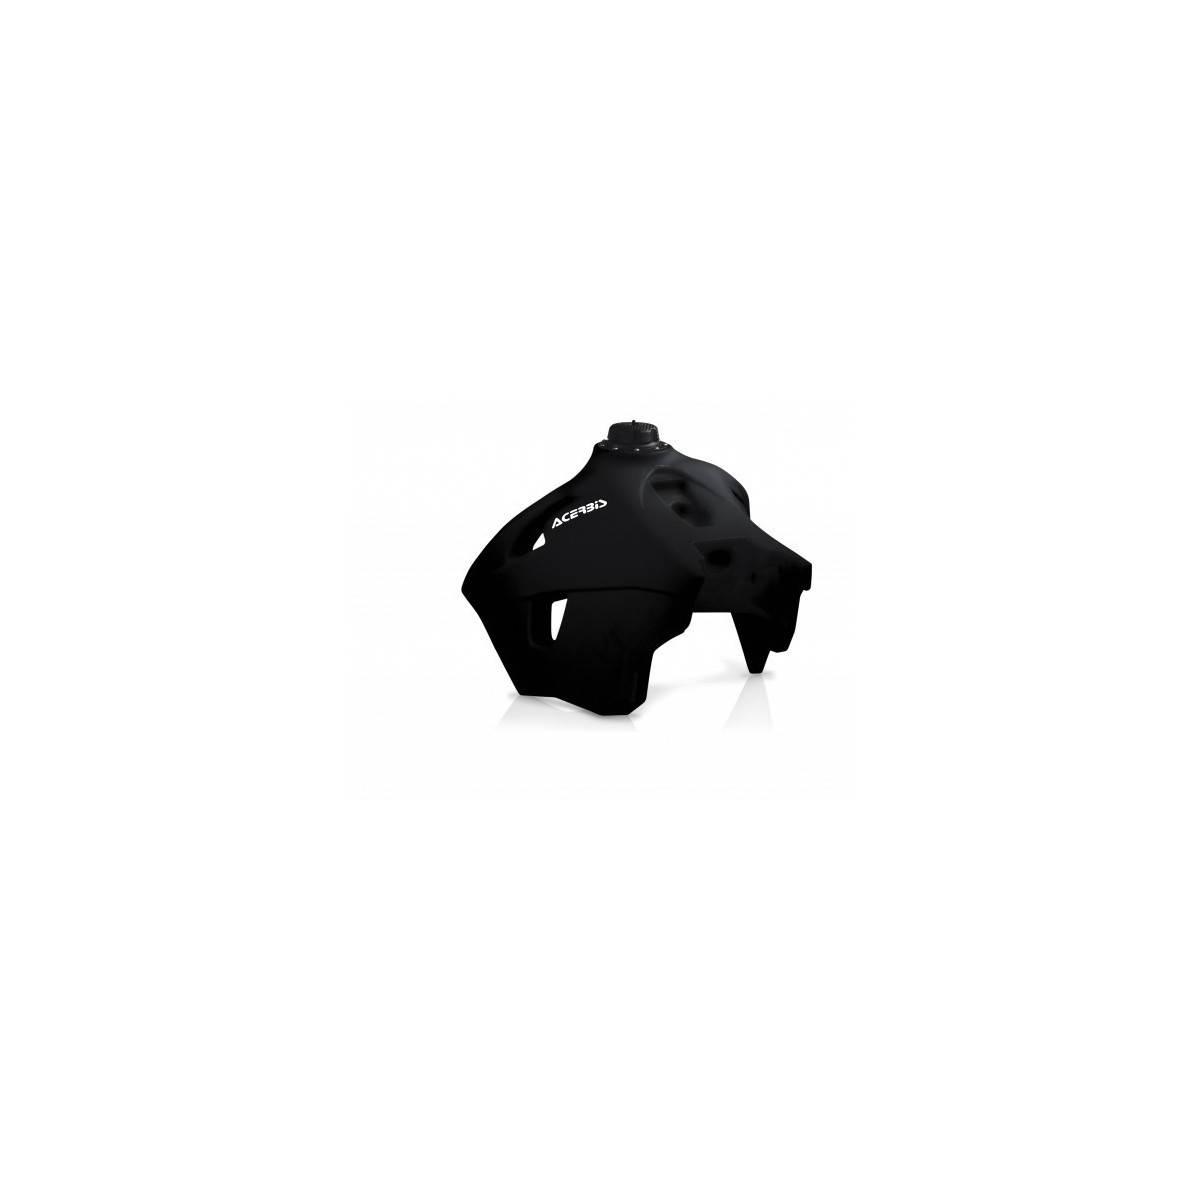 0016301-090 - Deposito Exc-F 250 20L 12 16 Negro